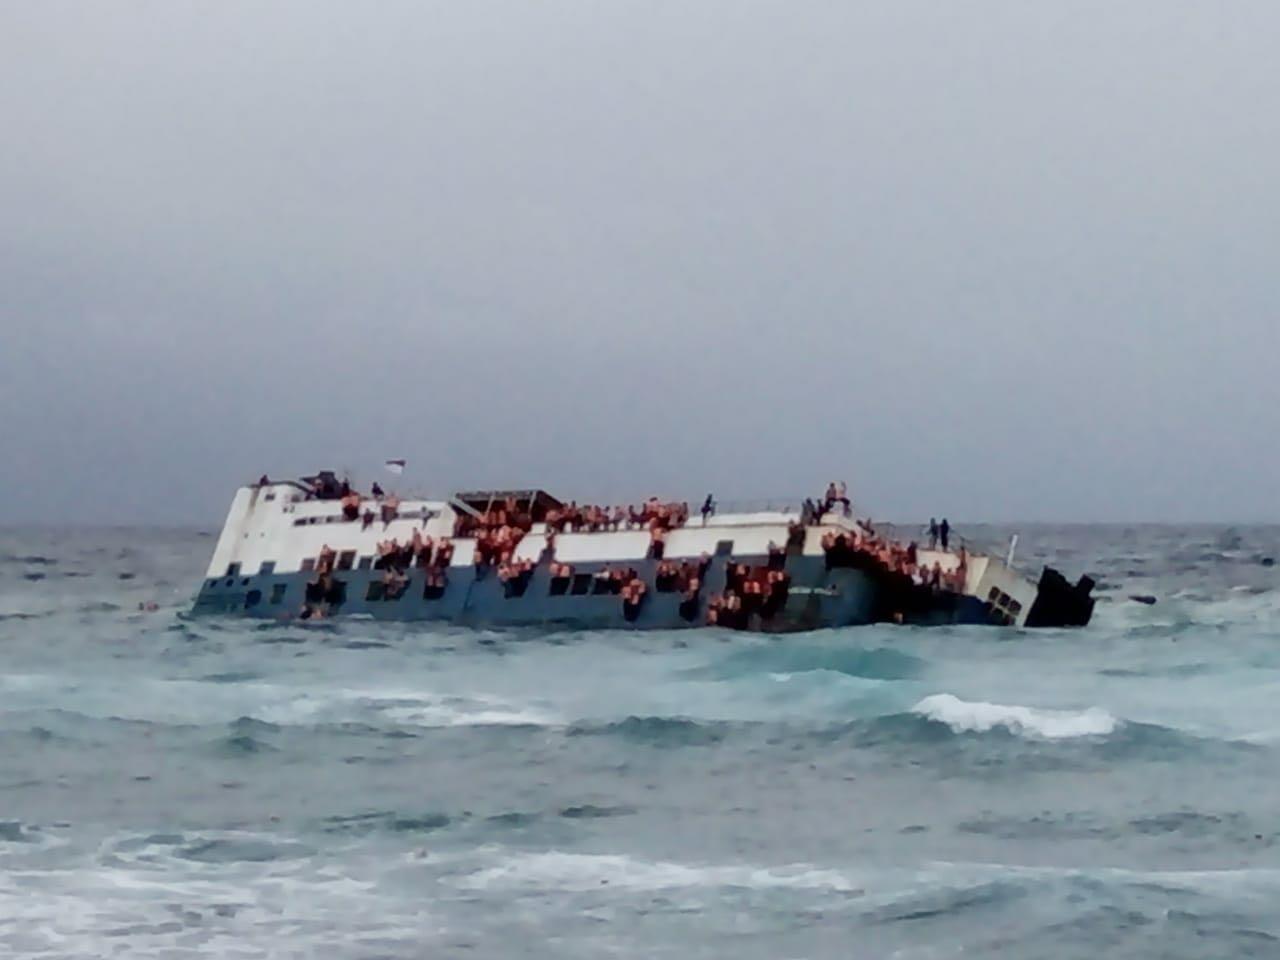 Gambar Kapal KM Lestari Maju Tenggelam, Dikabarkan 4 Meninggal Dunia